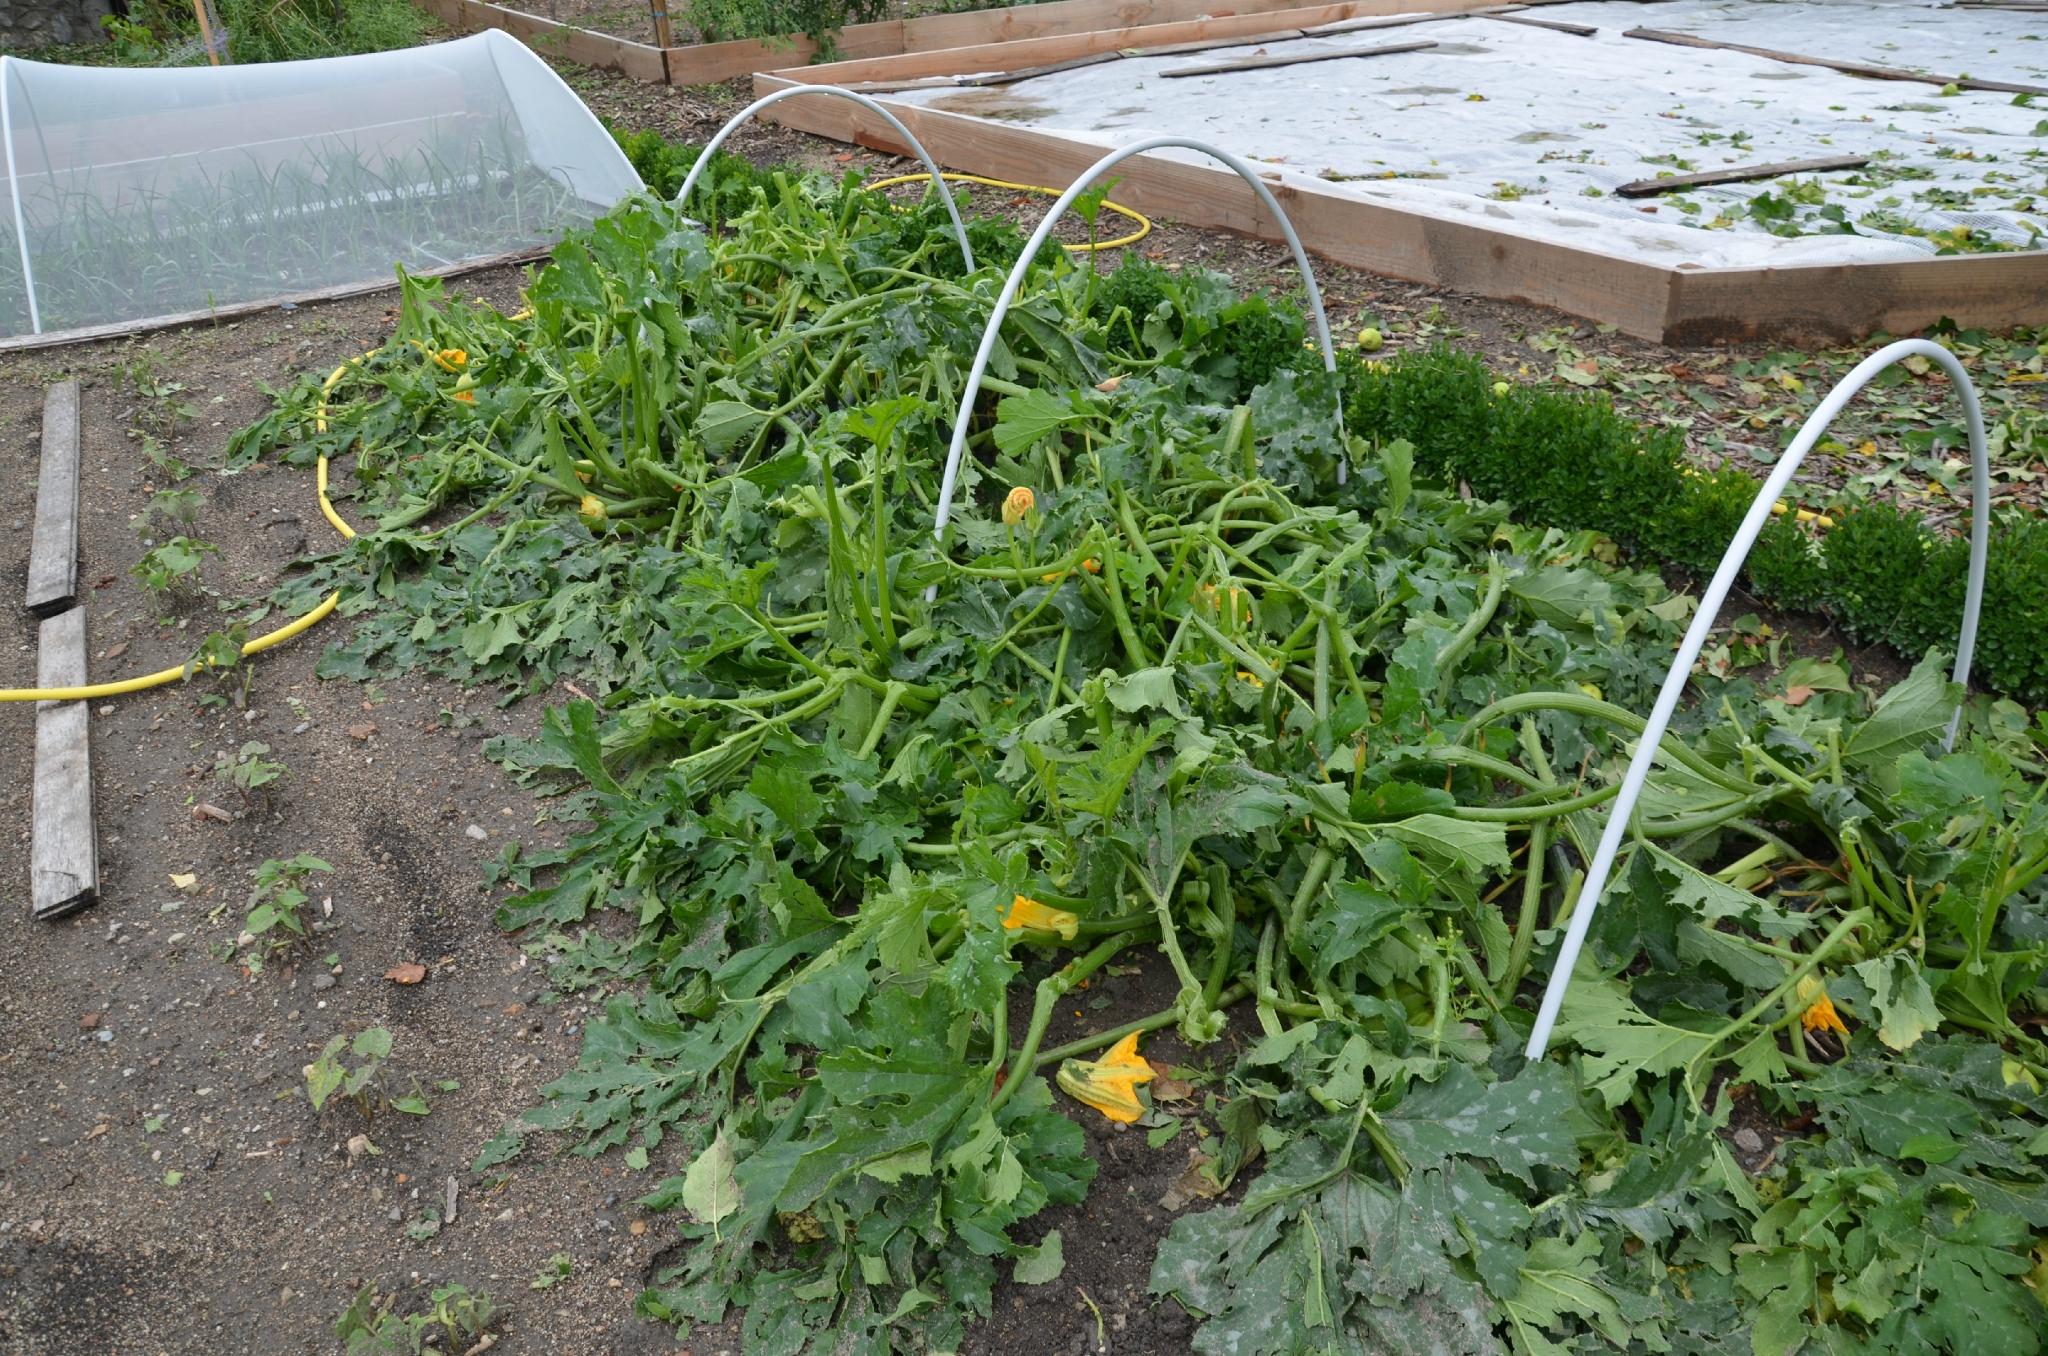 Les courgettes en piteux tat photo de 57 le jardin - Comment congeler les courgettes du jardin ...